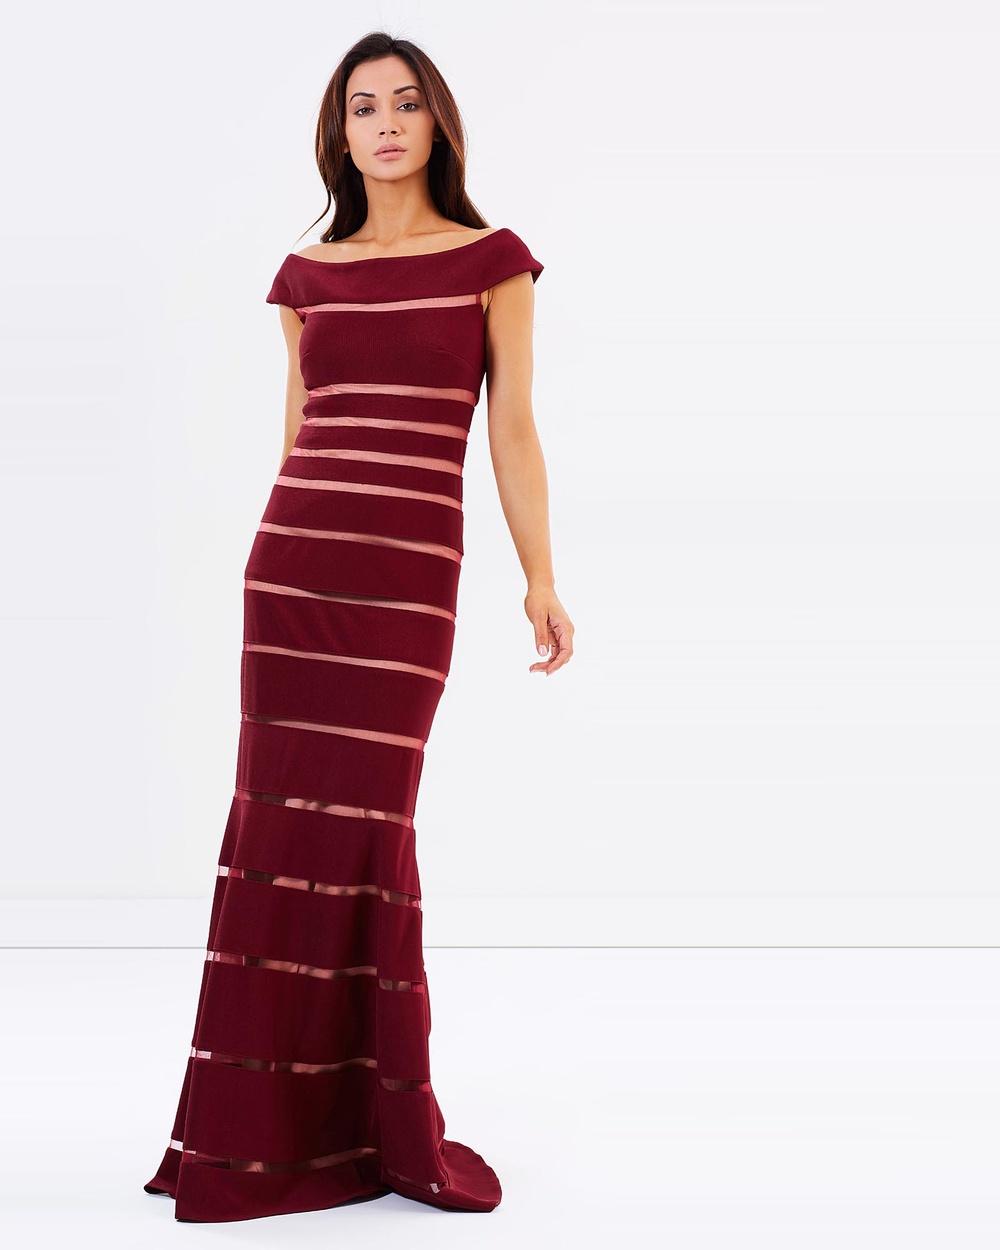 Montique Scarlett Gown Bridesmaid Dresses Wine Scarlett Gown